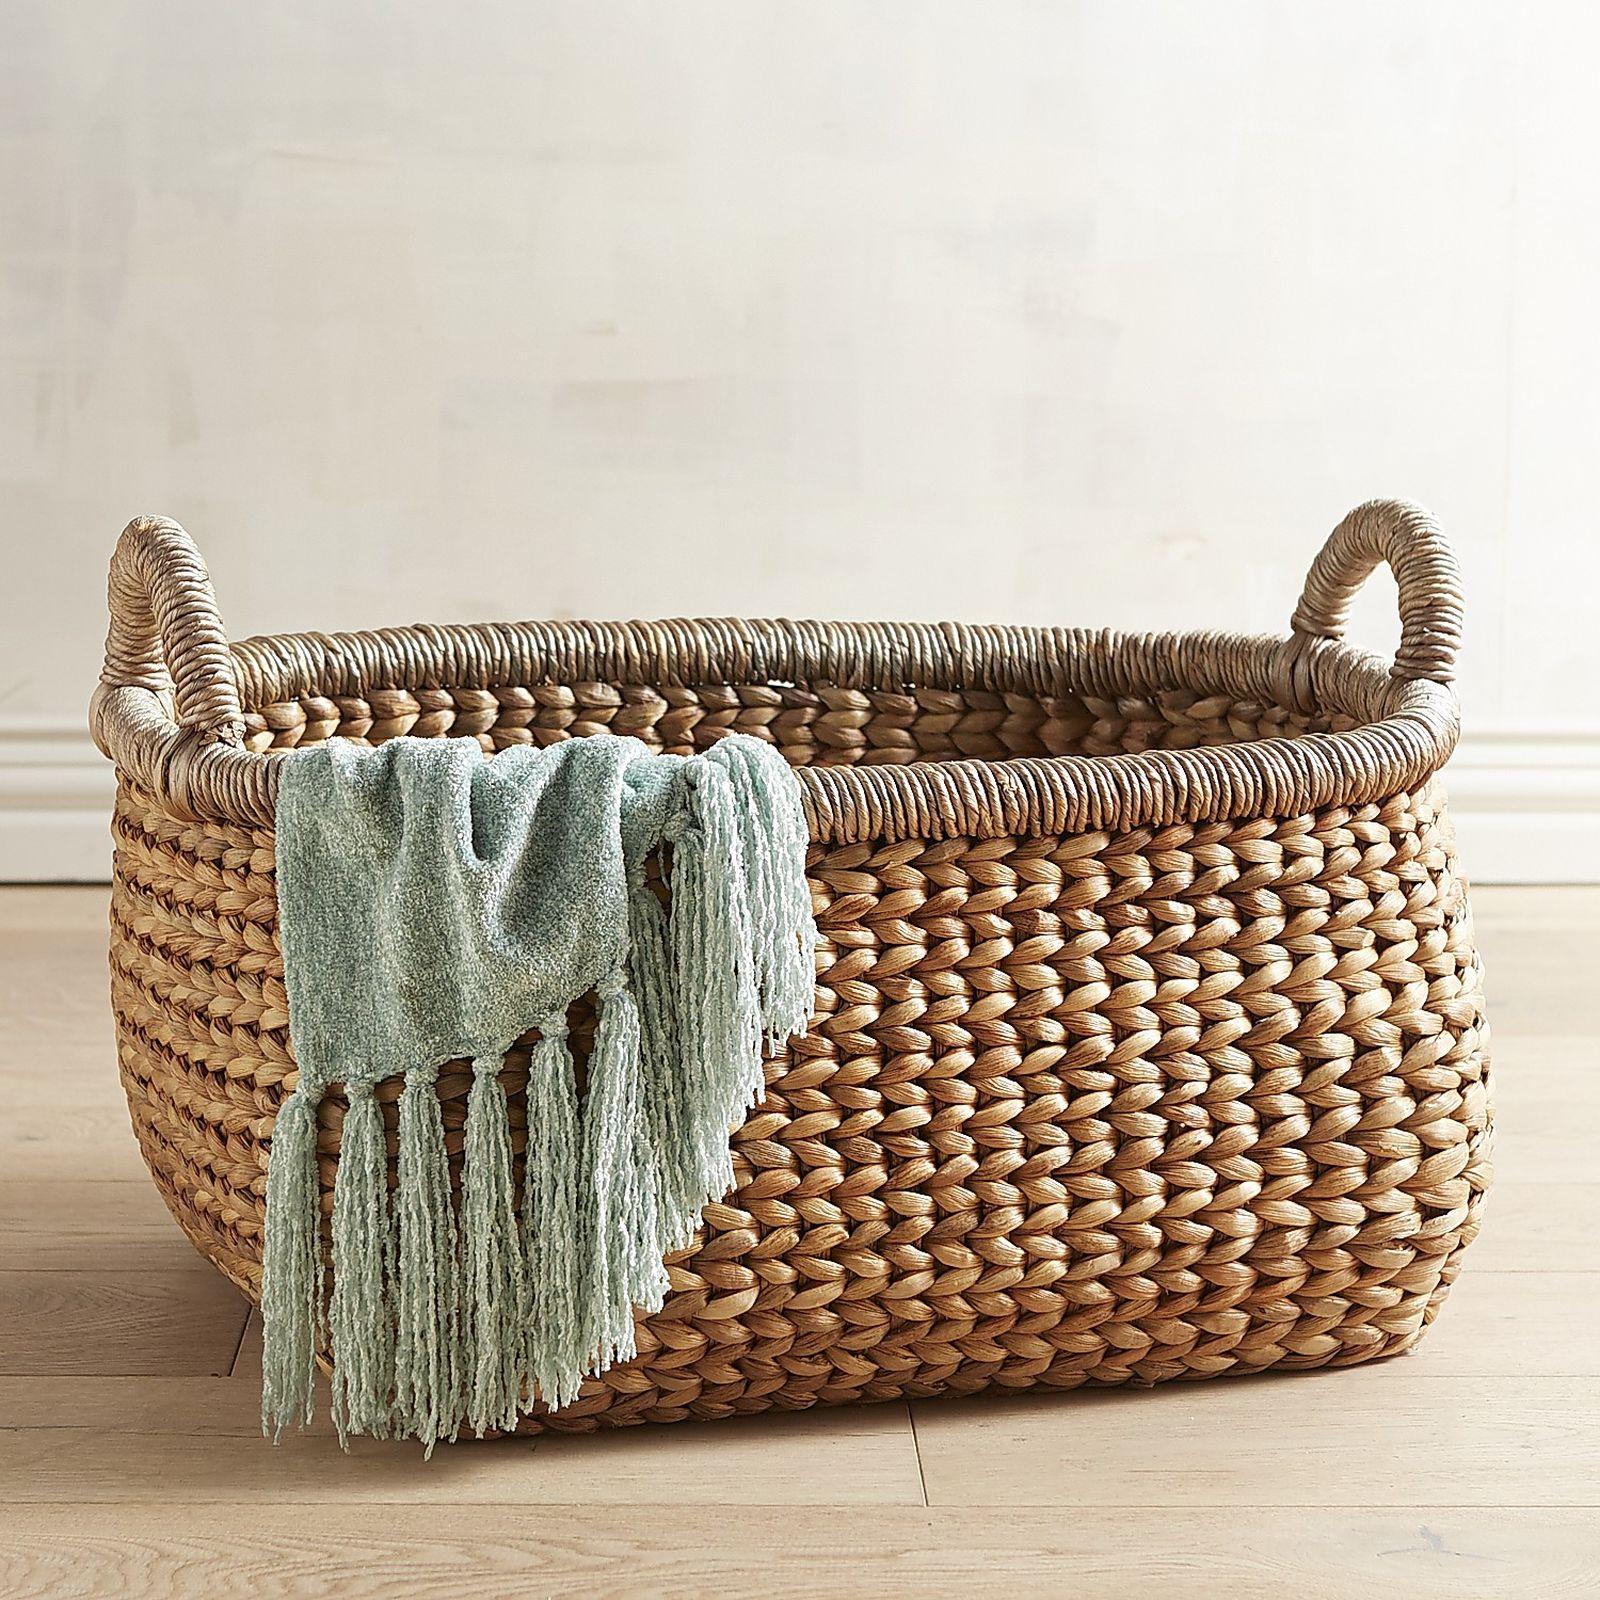 Free Photo Wicker Basket Basket Fibers Texture Free Download Jooinn